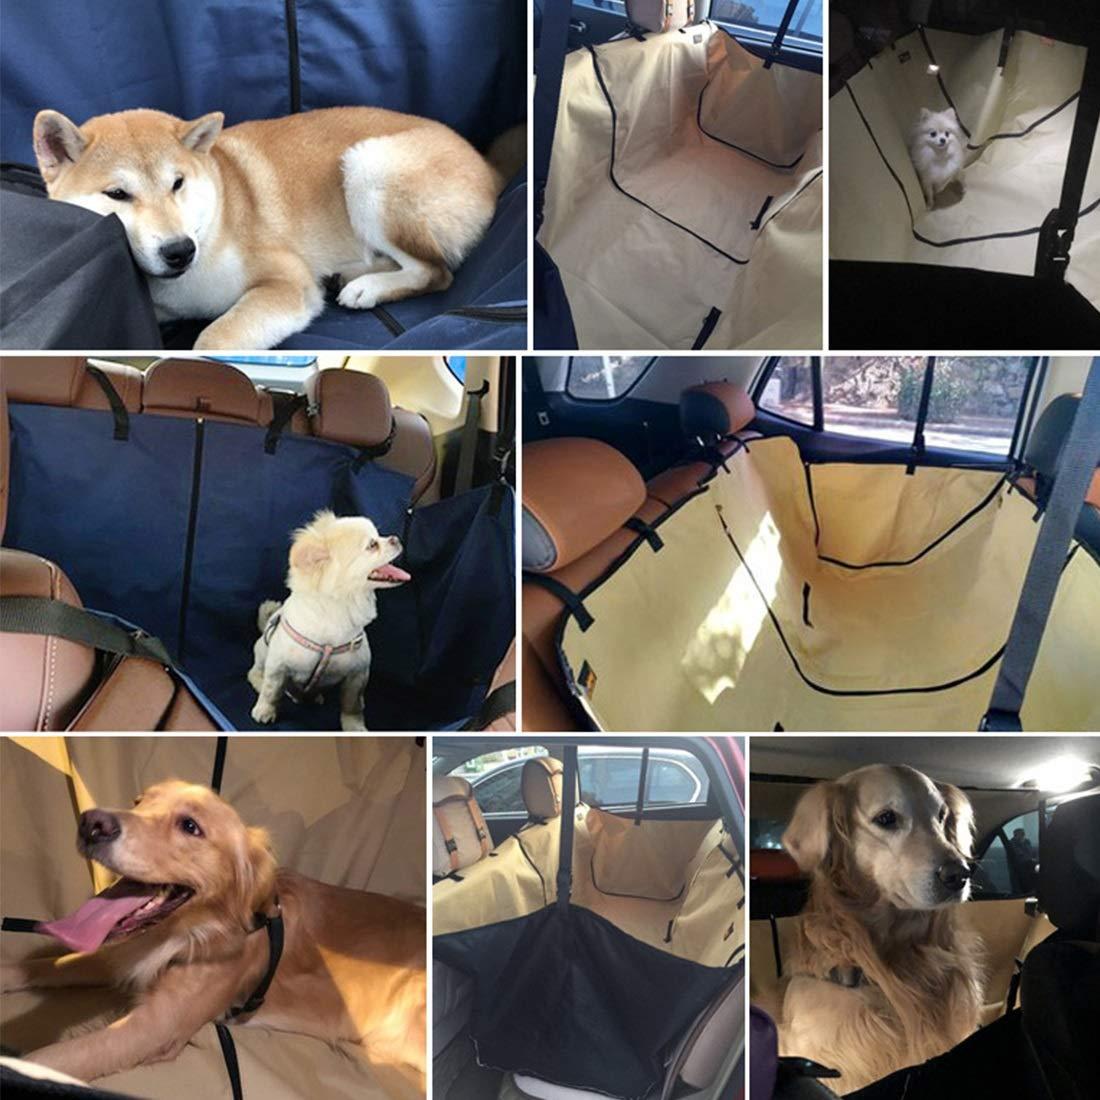 WEATLY Forniture da Viaggio per Cani e Animali Animali Animali Domestici (Colore   Marronee Thick, Dimensione   145X130X50cm) 88f114